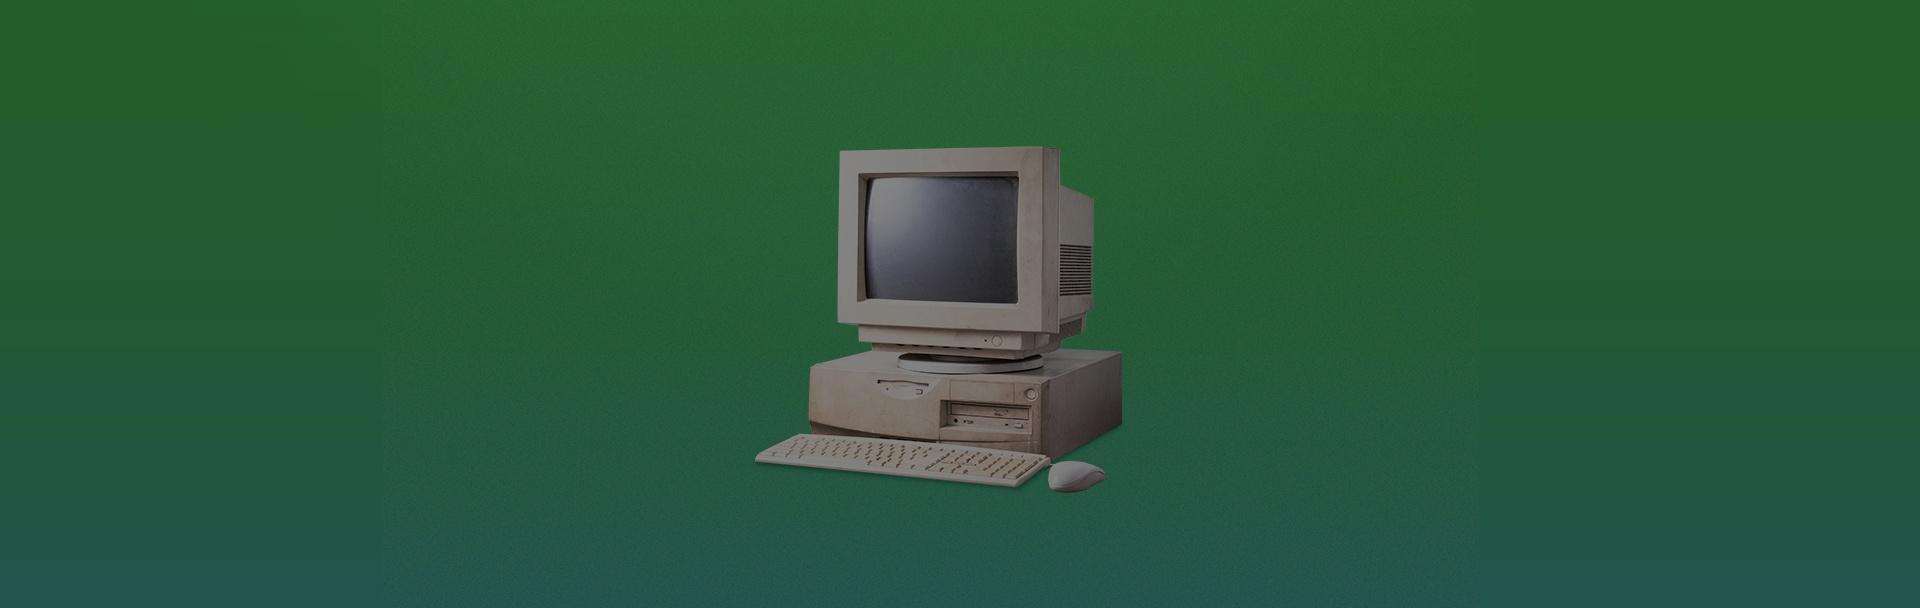 solucionweb-banner-estrategia-digital-inbound-redes-sociales-blog-Soy-viejo-y-por-eso-la-tecnologia-me-atropella-.jpg